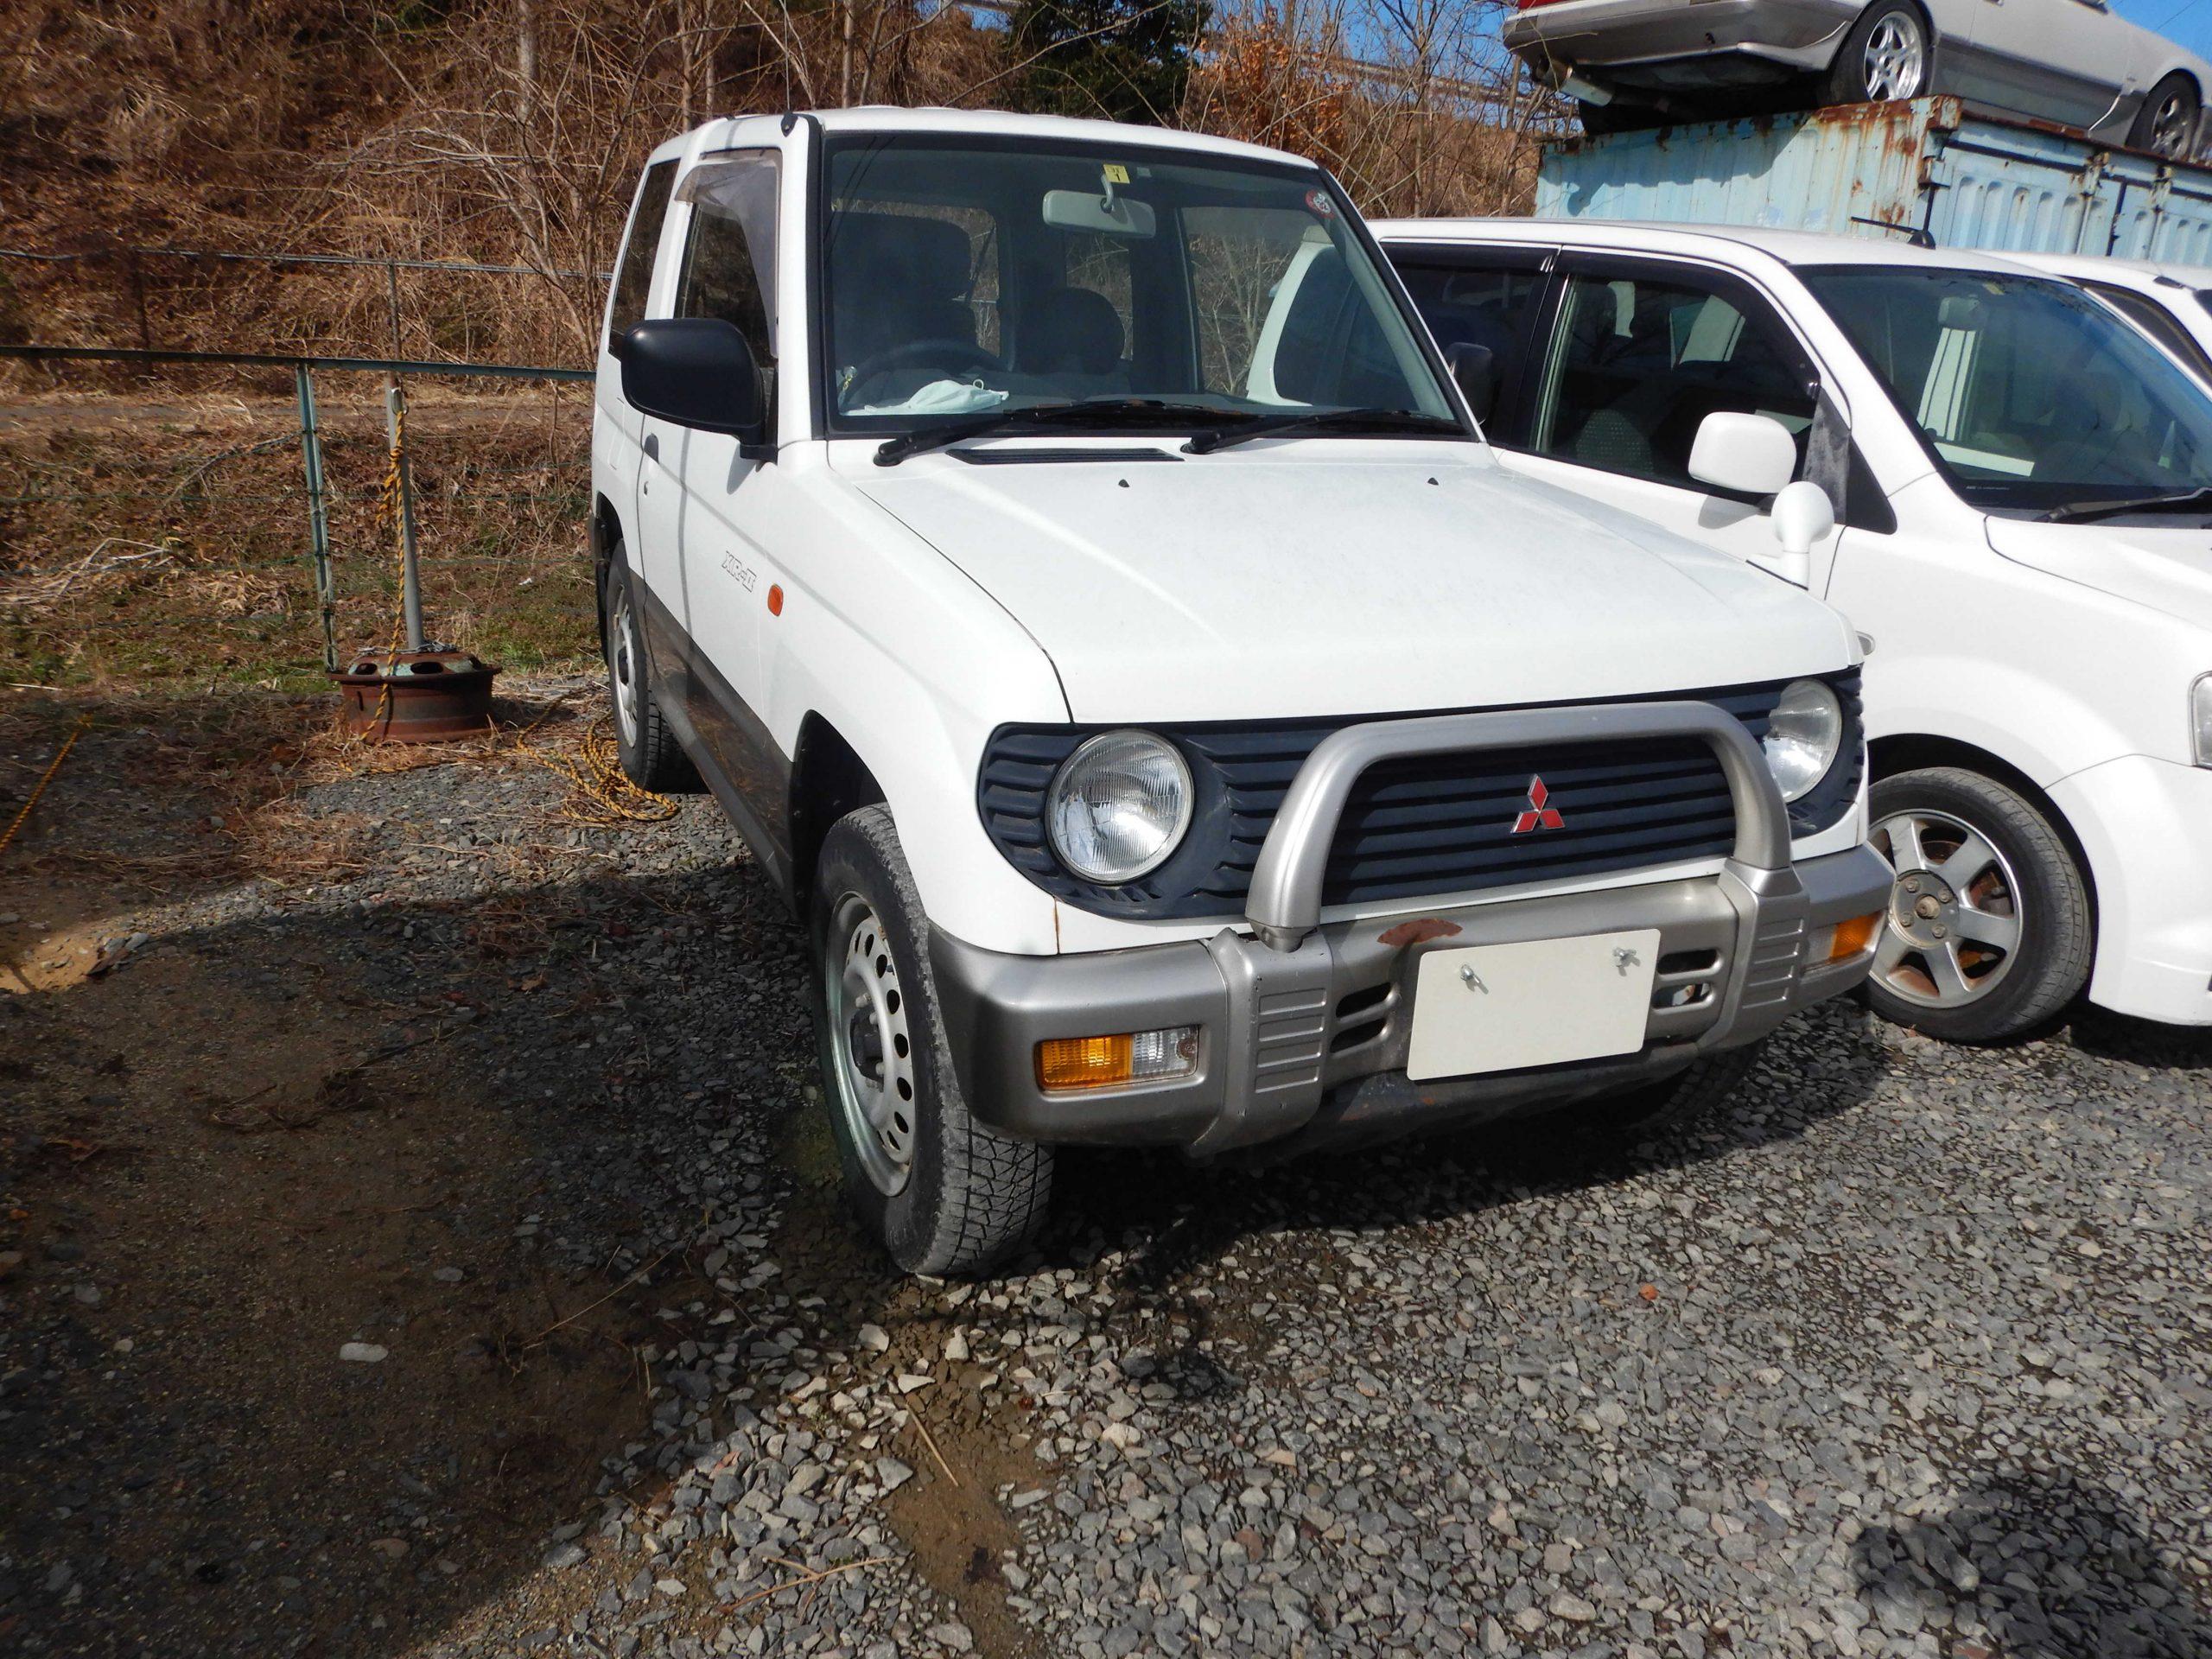 福島市 三菱 パジェロミニ 廃車 解体車 輸出向け車両